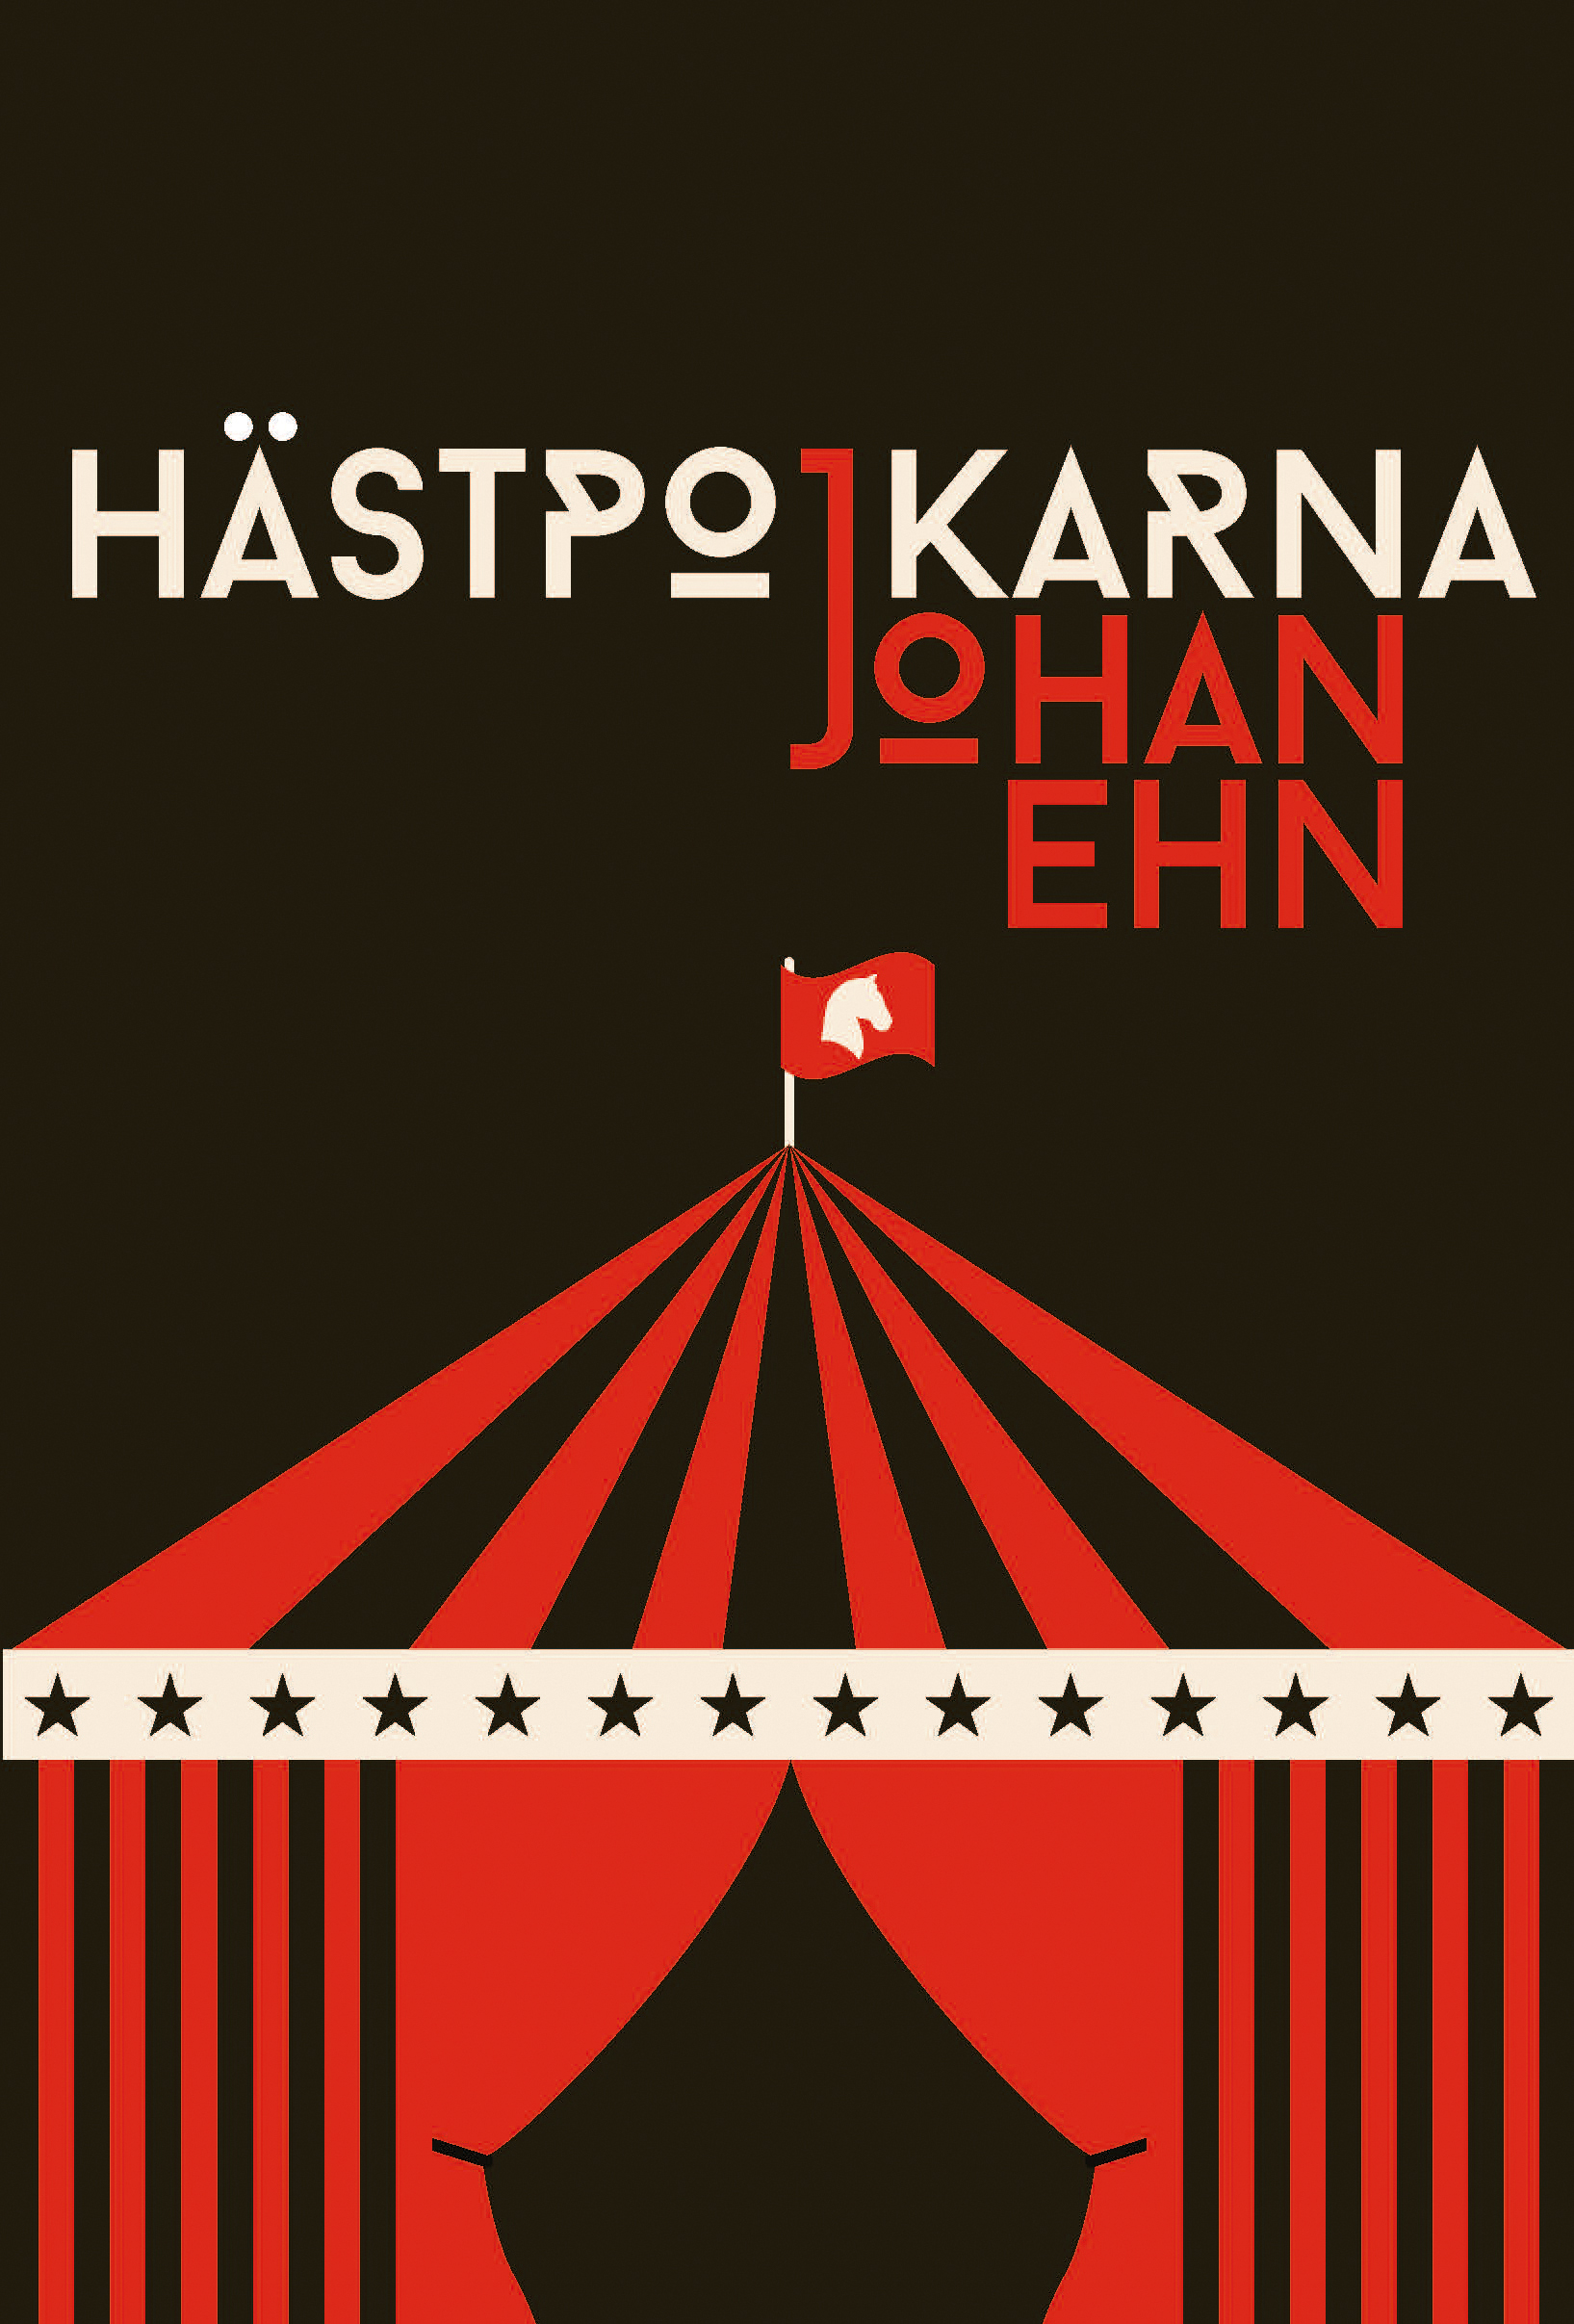 Hästpojkarna, Johan Ehn